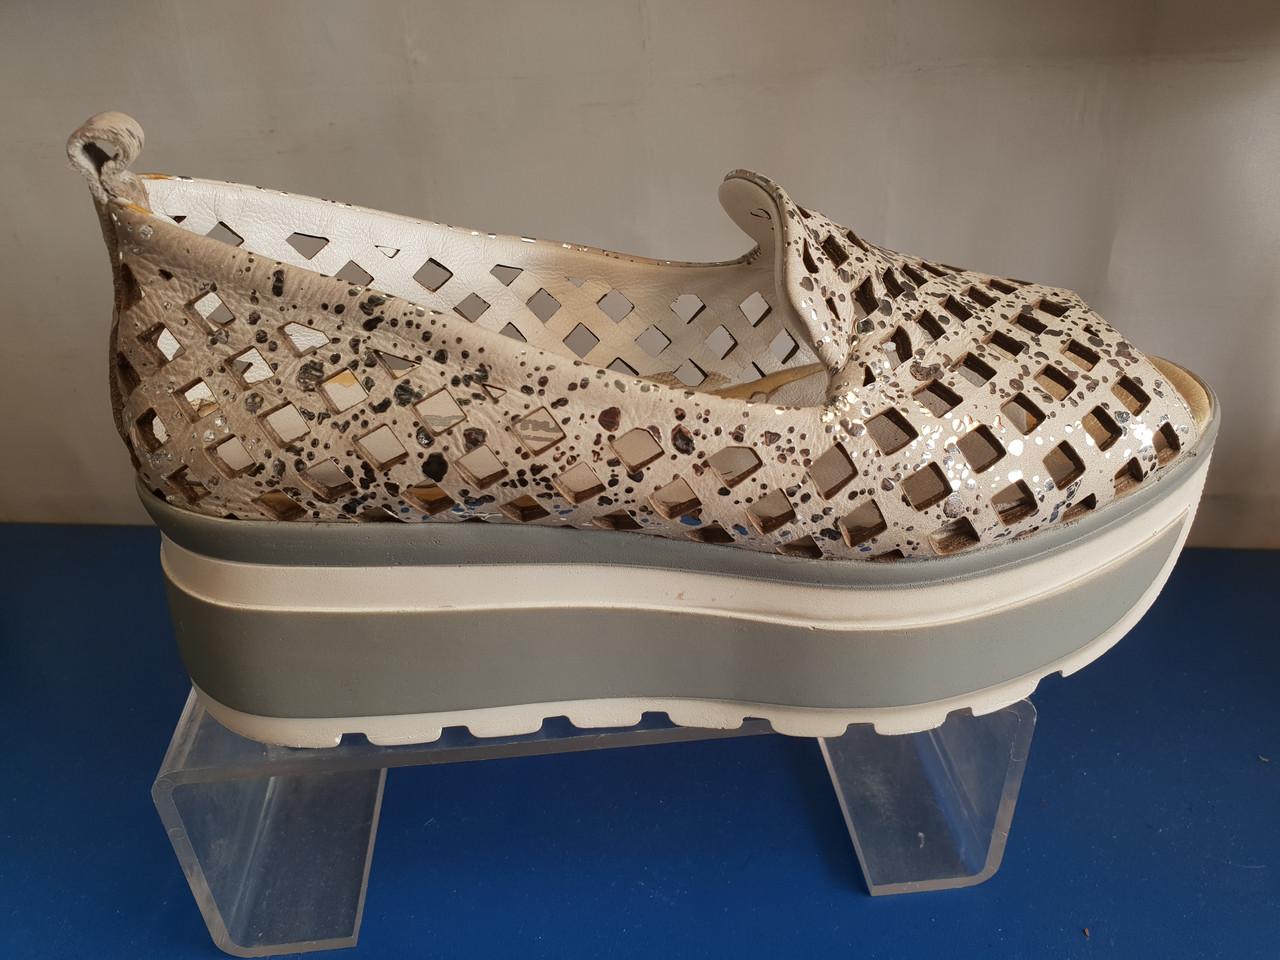 49700672 Женские кожаные открытые туфли - Интернет магазин одежды, обуви,  аксессуаров для всей семьи в